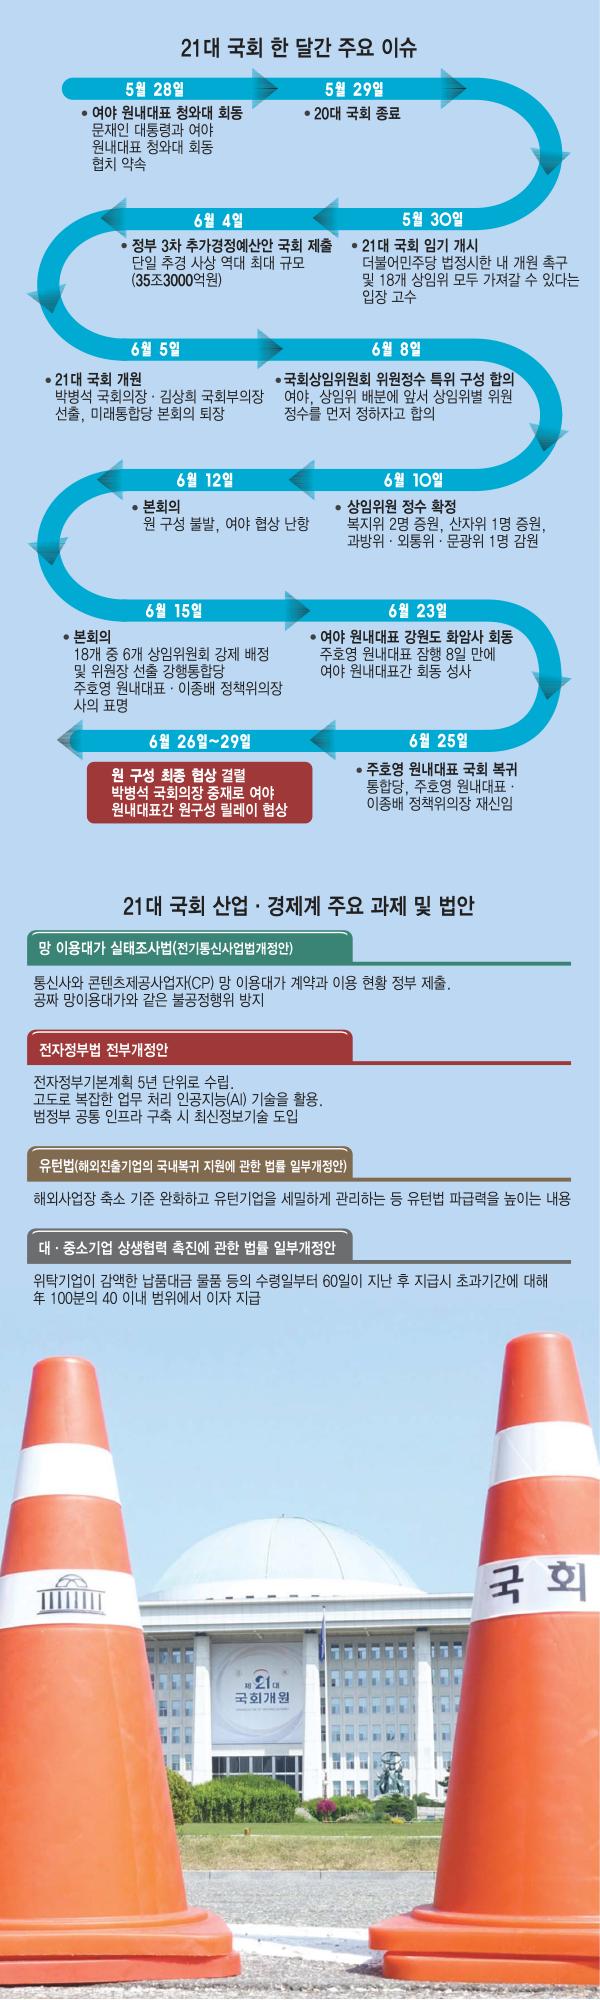 [이슈분석]21대 국회 한달, 사라진 '협치'